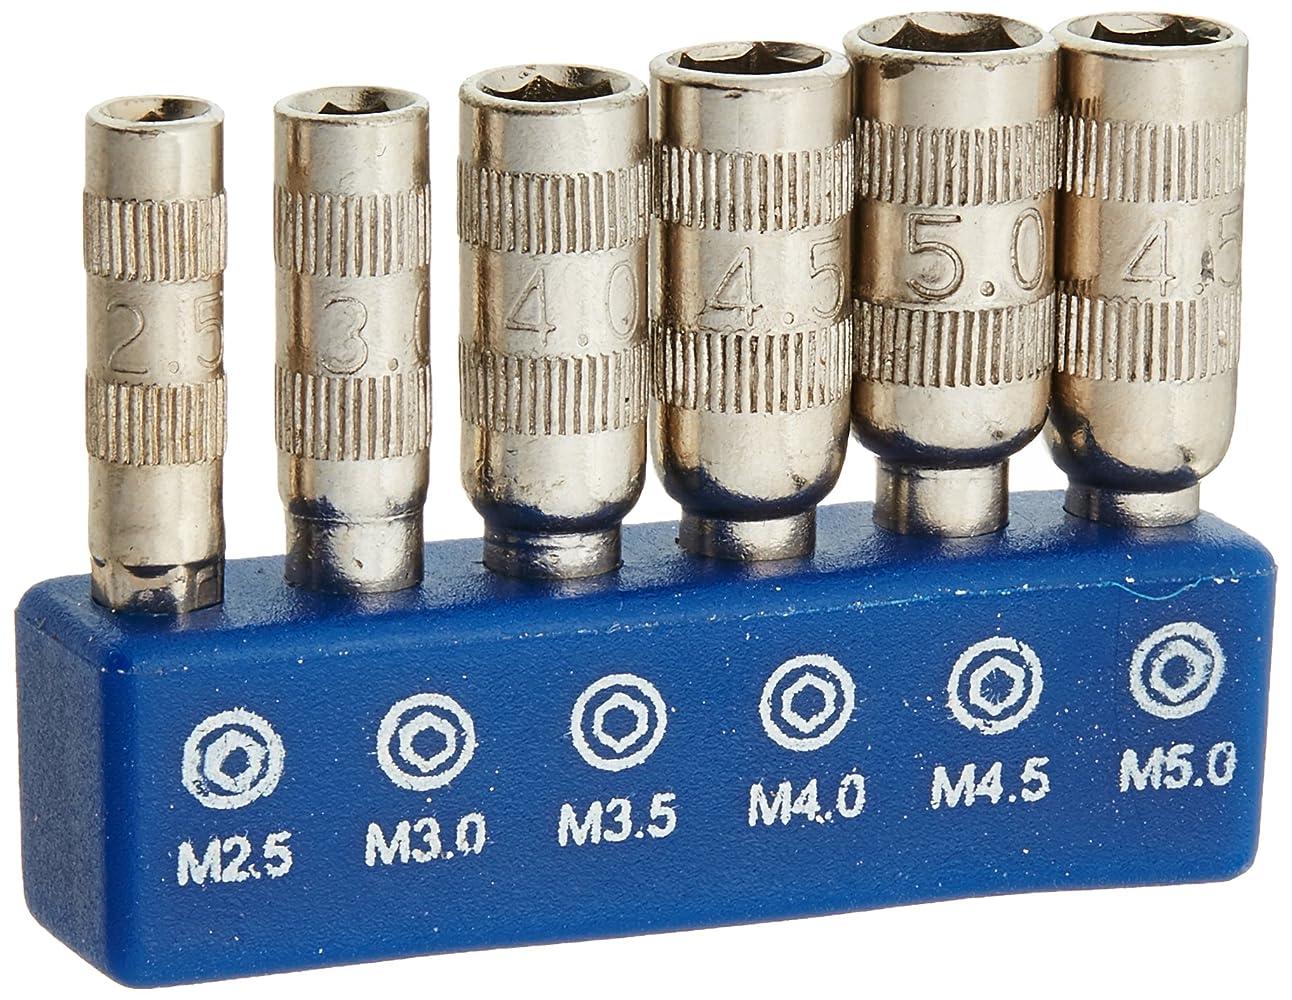 熱意秋火傷uxcell 6ポイント六角ソケット 六角ソケット 6個入り シルバートーン 金属 2.5mm 3mm 3.5mm 4mm 4.5mm 5mm